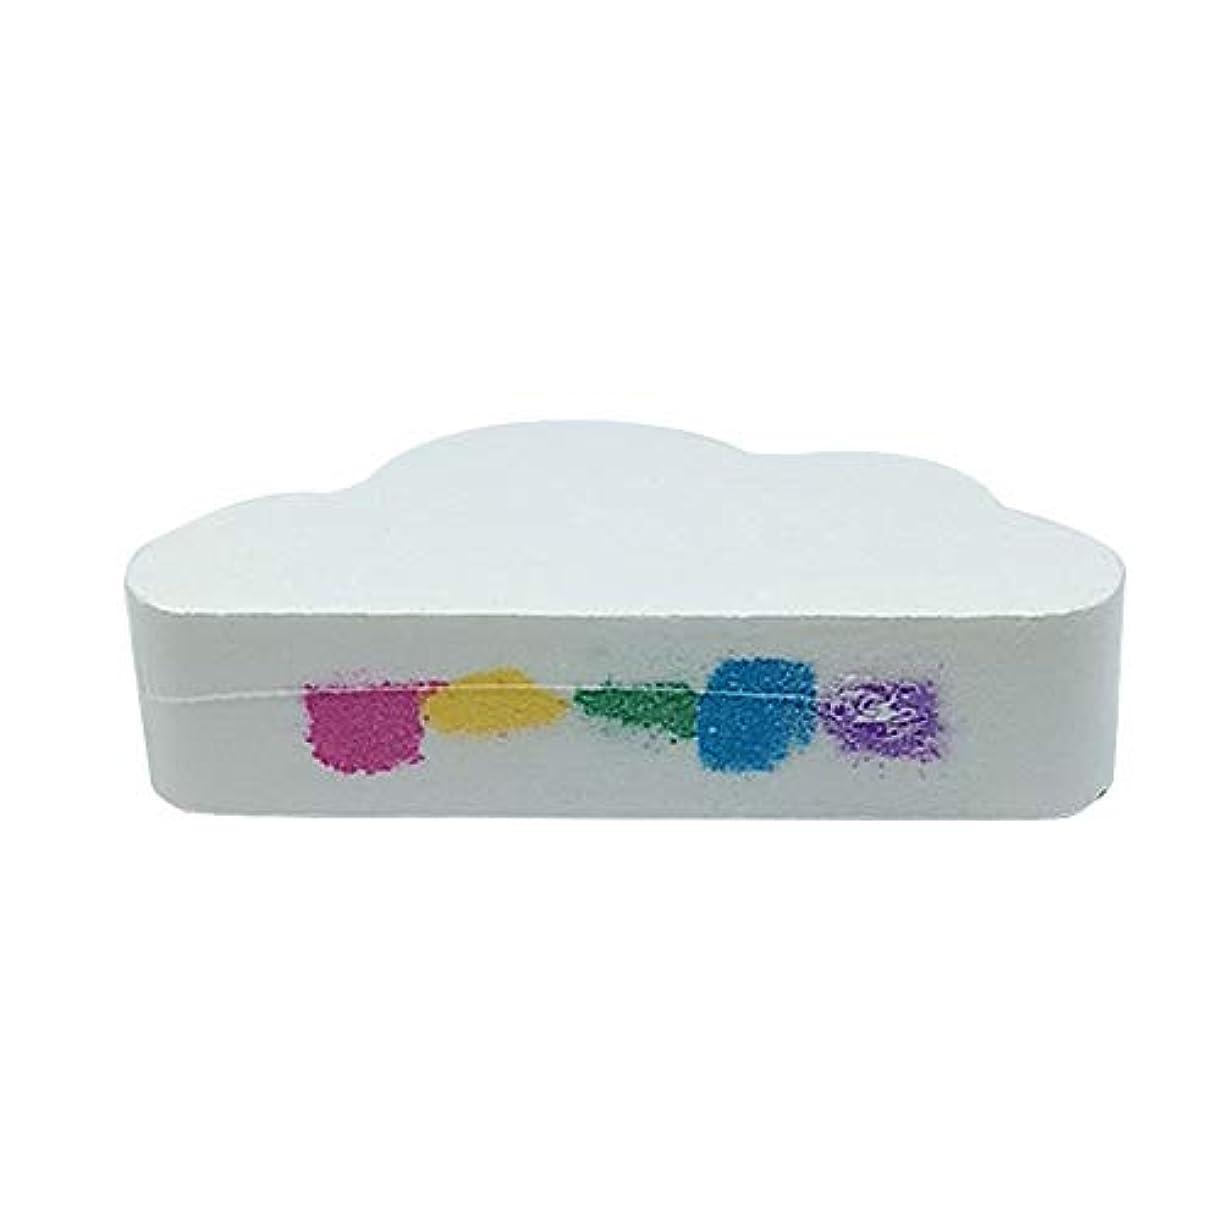 ぐったり収縮バランスのとれたレインボー入浴剤 バス用 お風呂塩 保湿バブルボール 温泉 入浴剤 スキンケア プレゼント